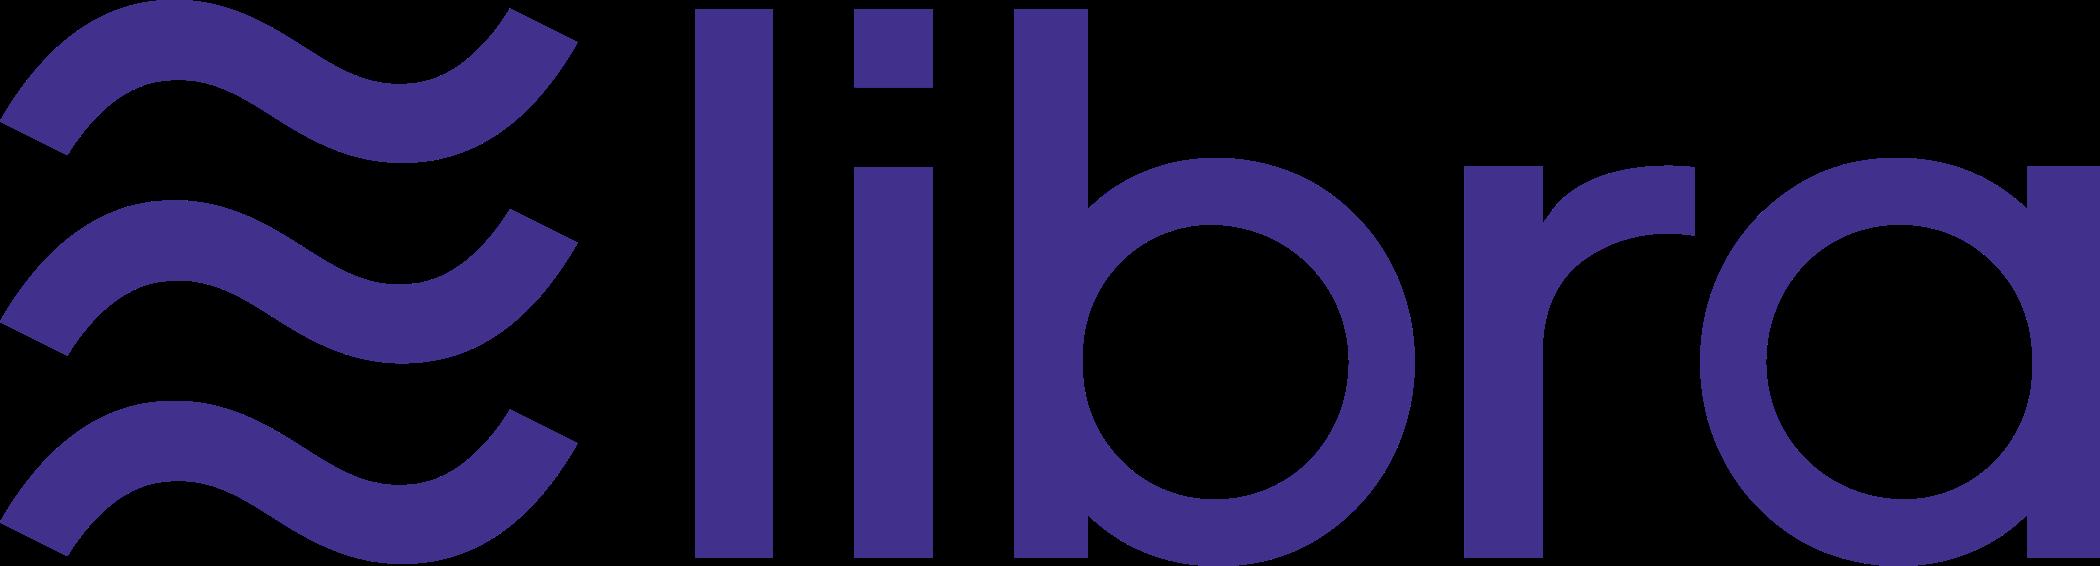 libra logo 1 - Libra Logo